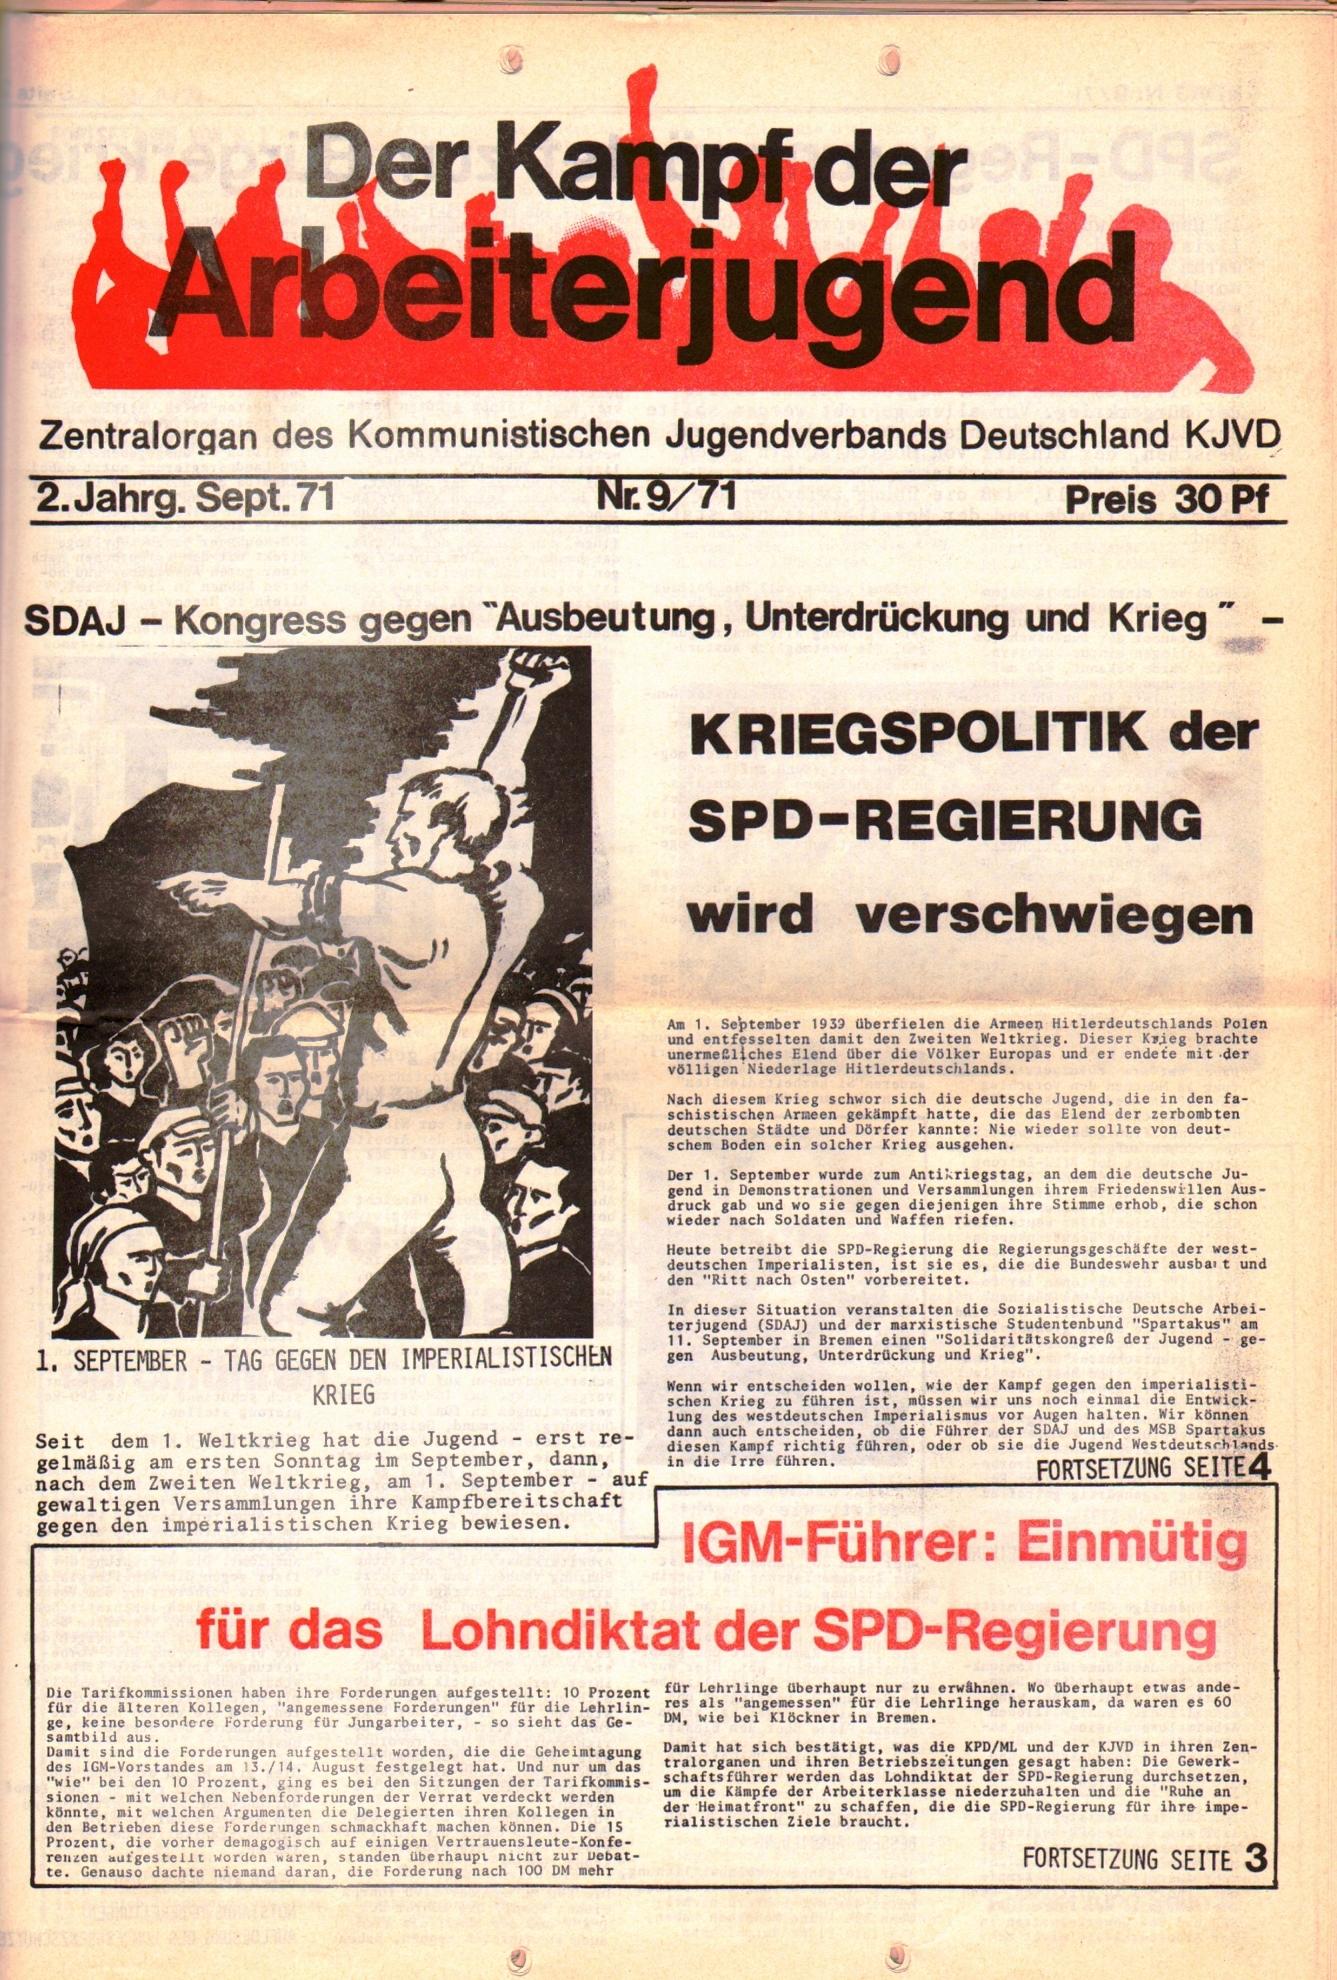 KDAJ, 2. Jg., September 1971, Nr. 9, Seite 1